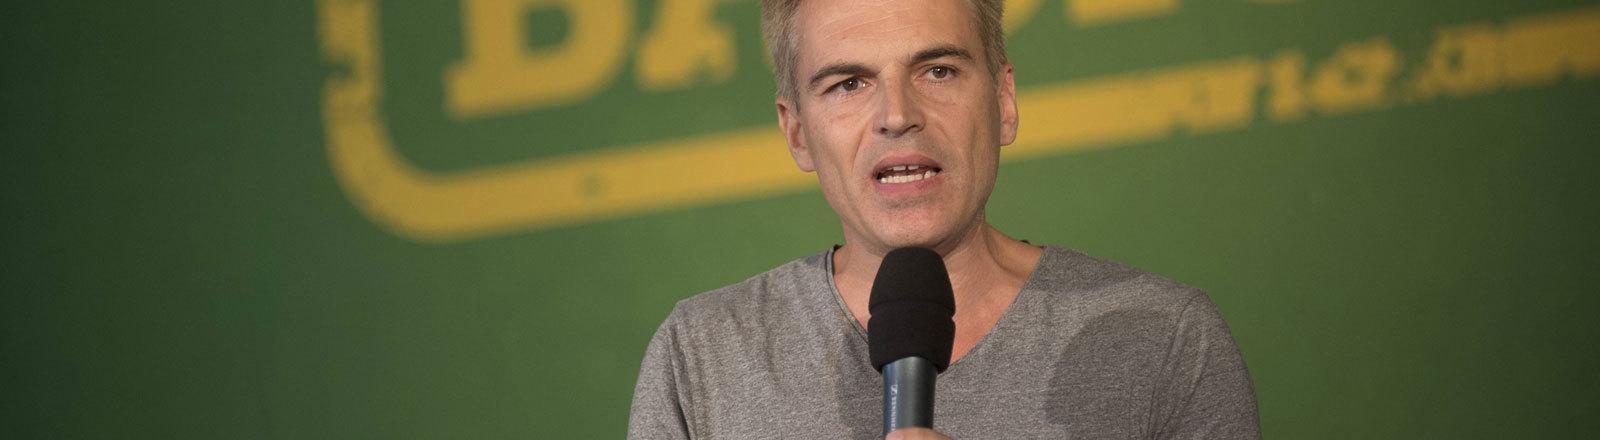 Gerhard Schick, finanzpolitischer Sprecher der Grünen im Bundestag